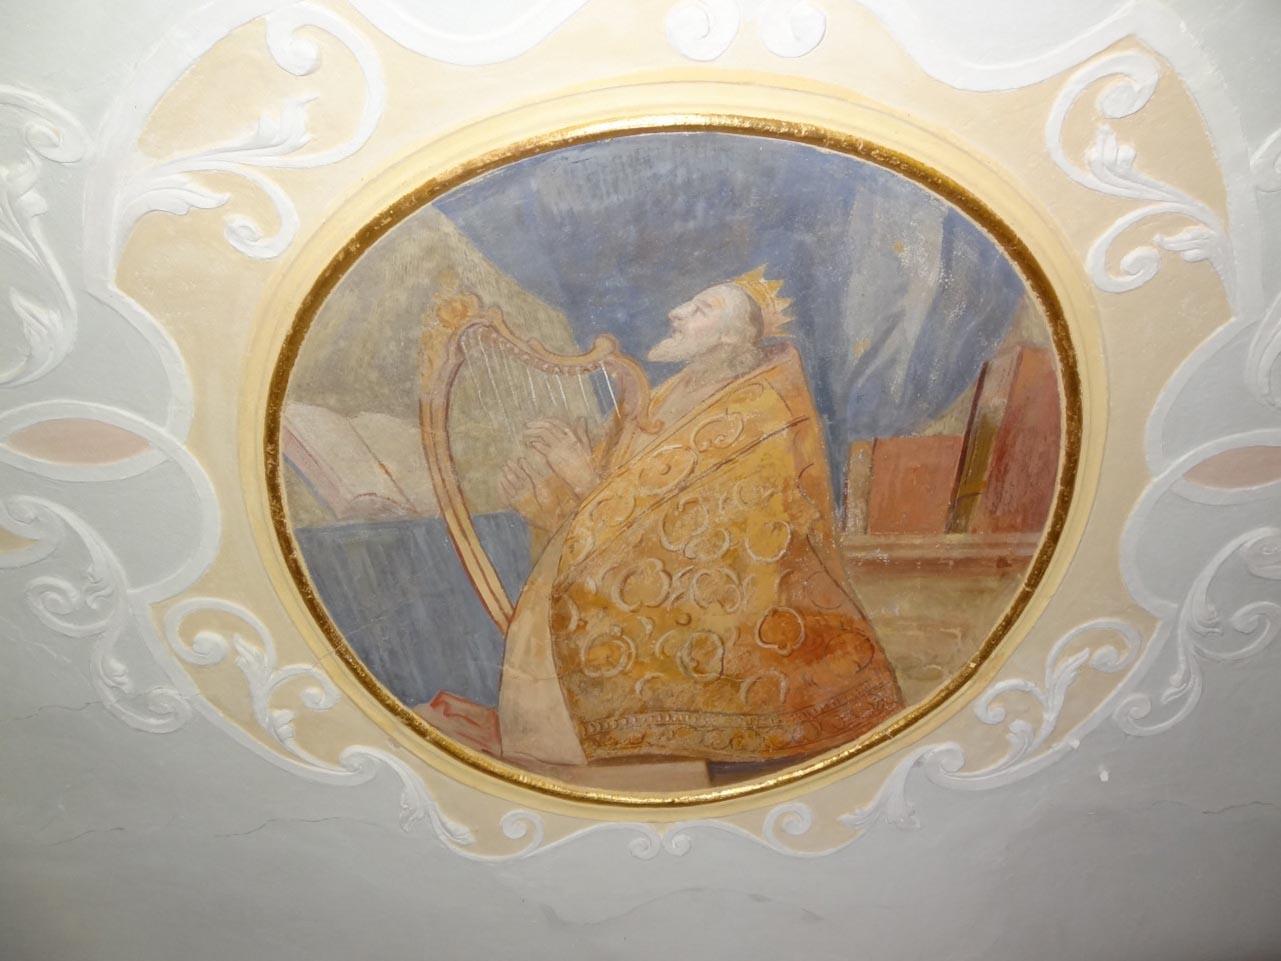 David mit Harfe - Kalvarienbergkirche Schnaittach. Foto: Birgit Kroder-Gumann